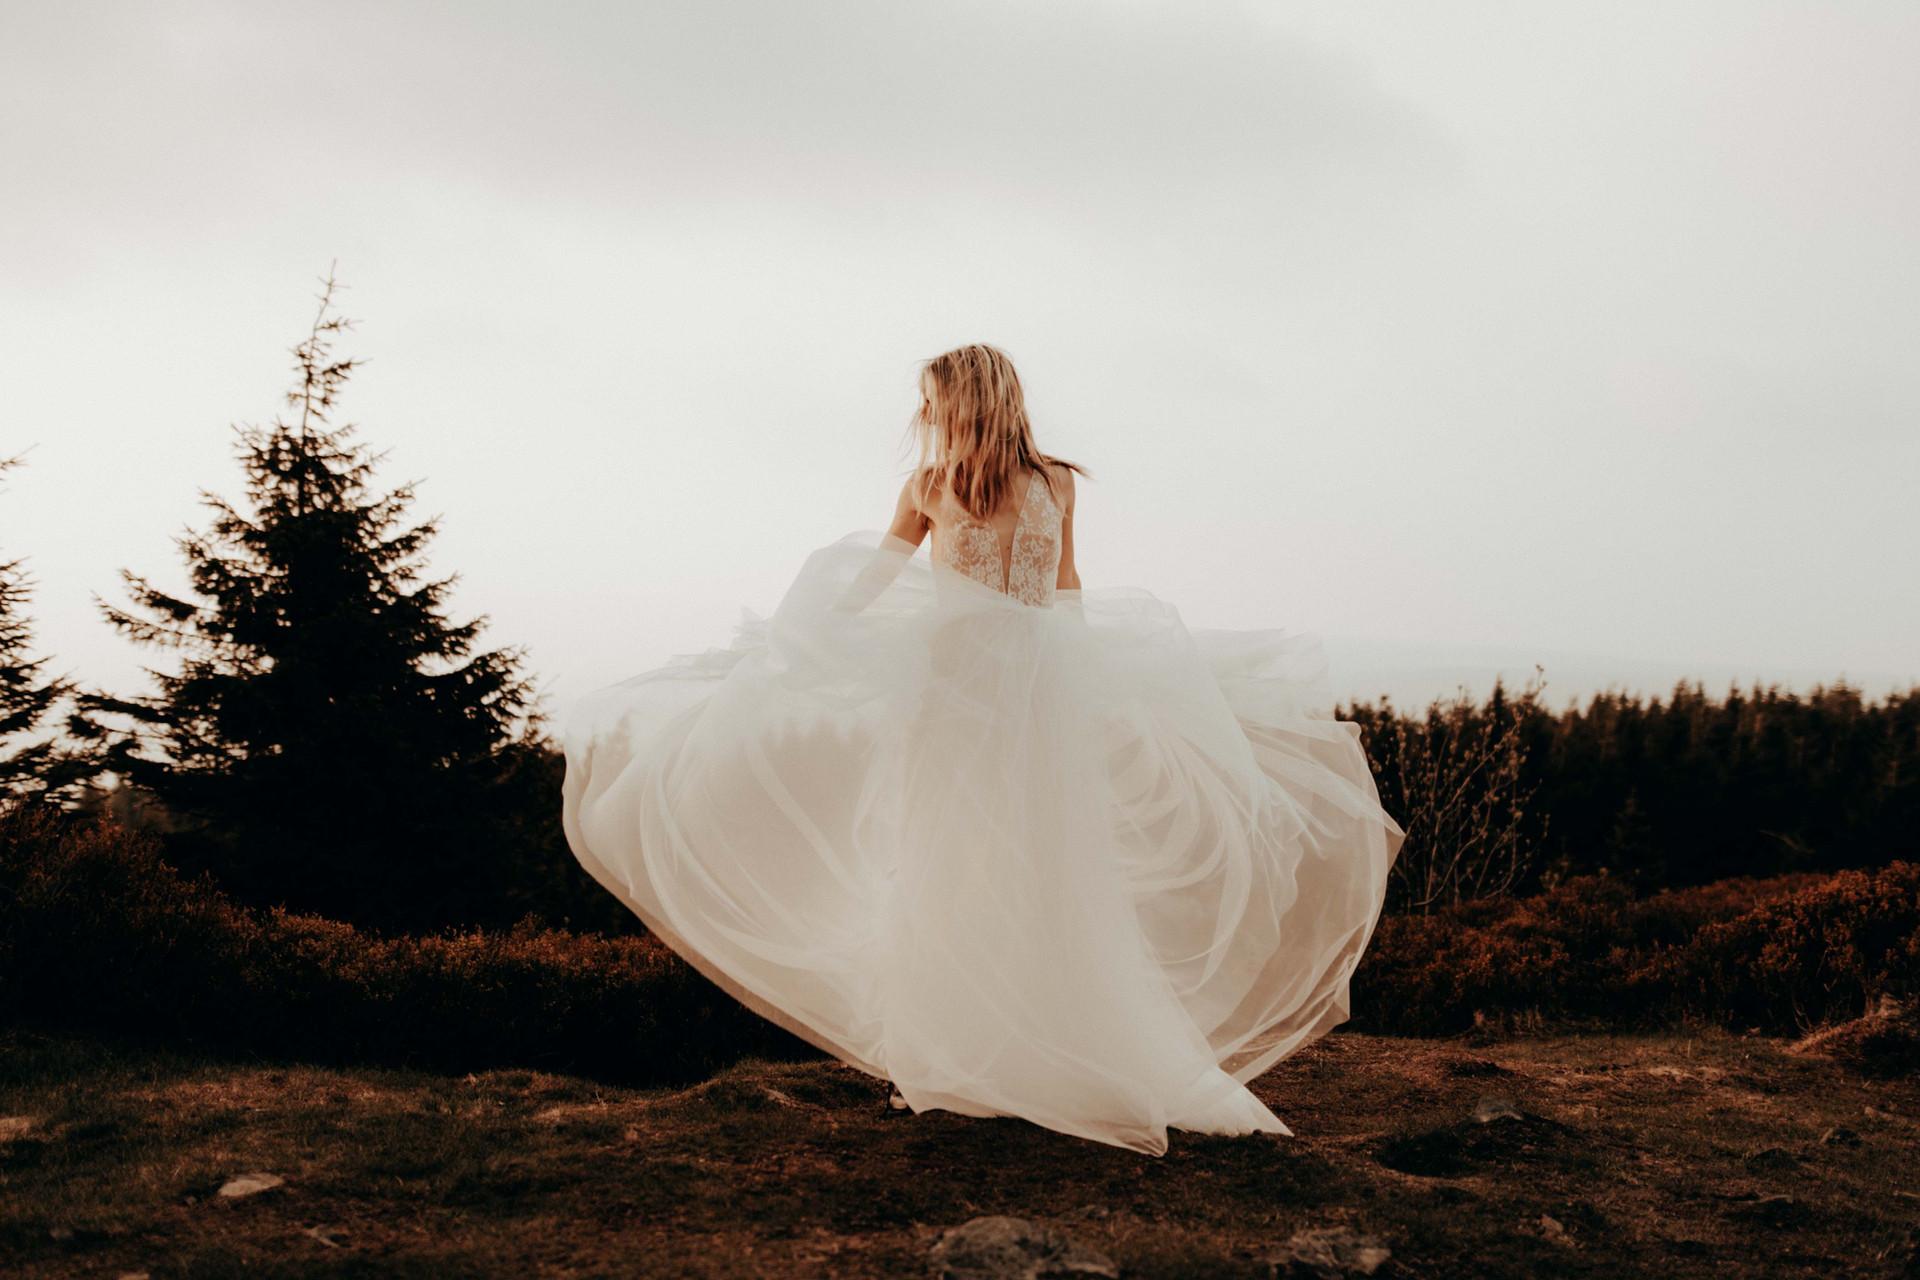 Harz-Brautkleid-Hochzeit-006.jpg